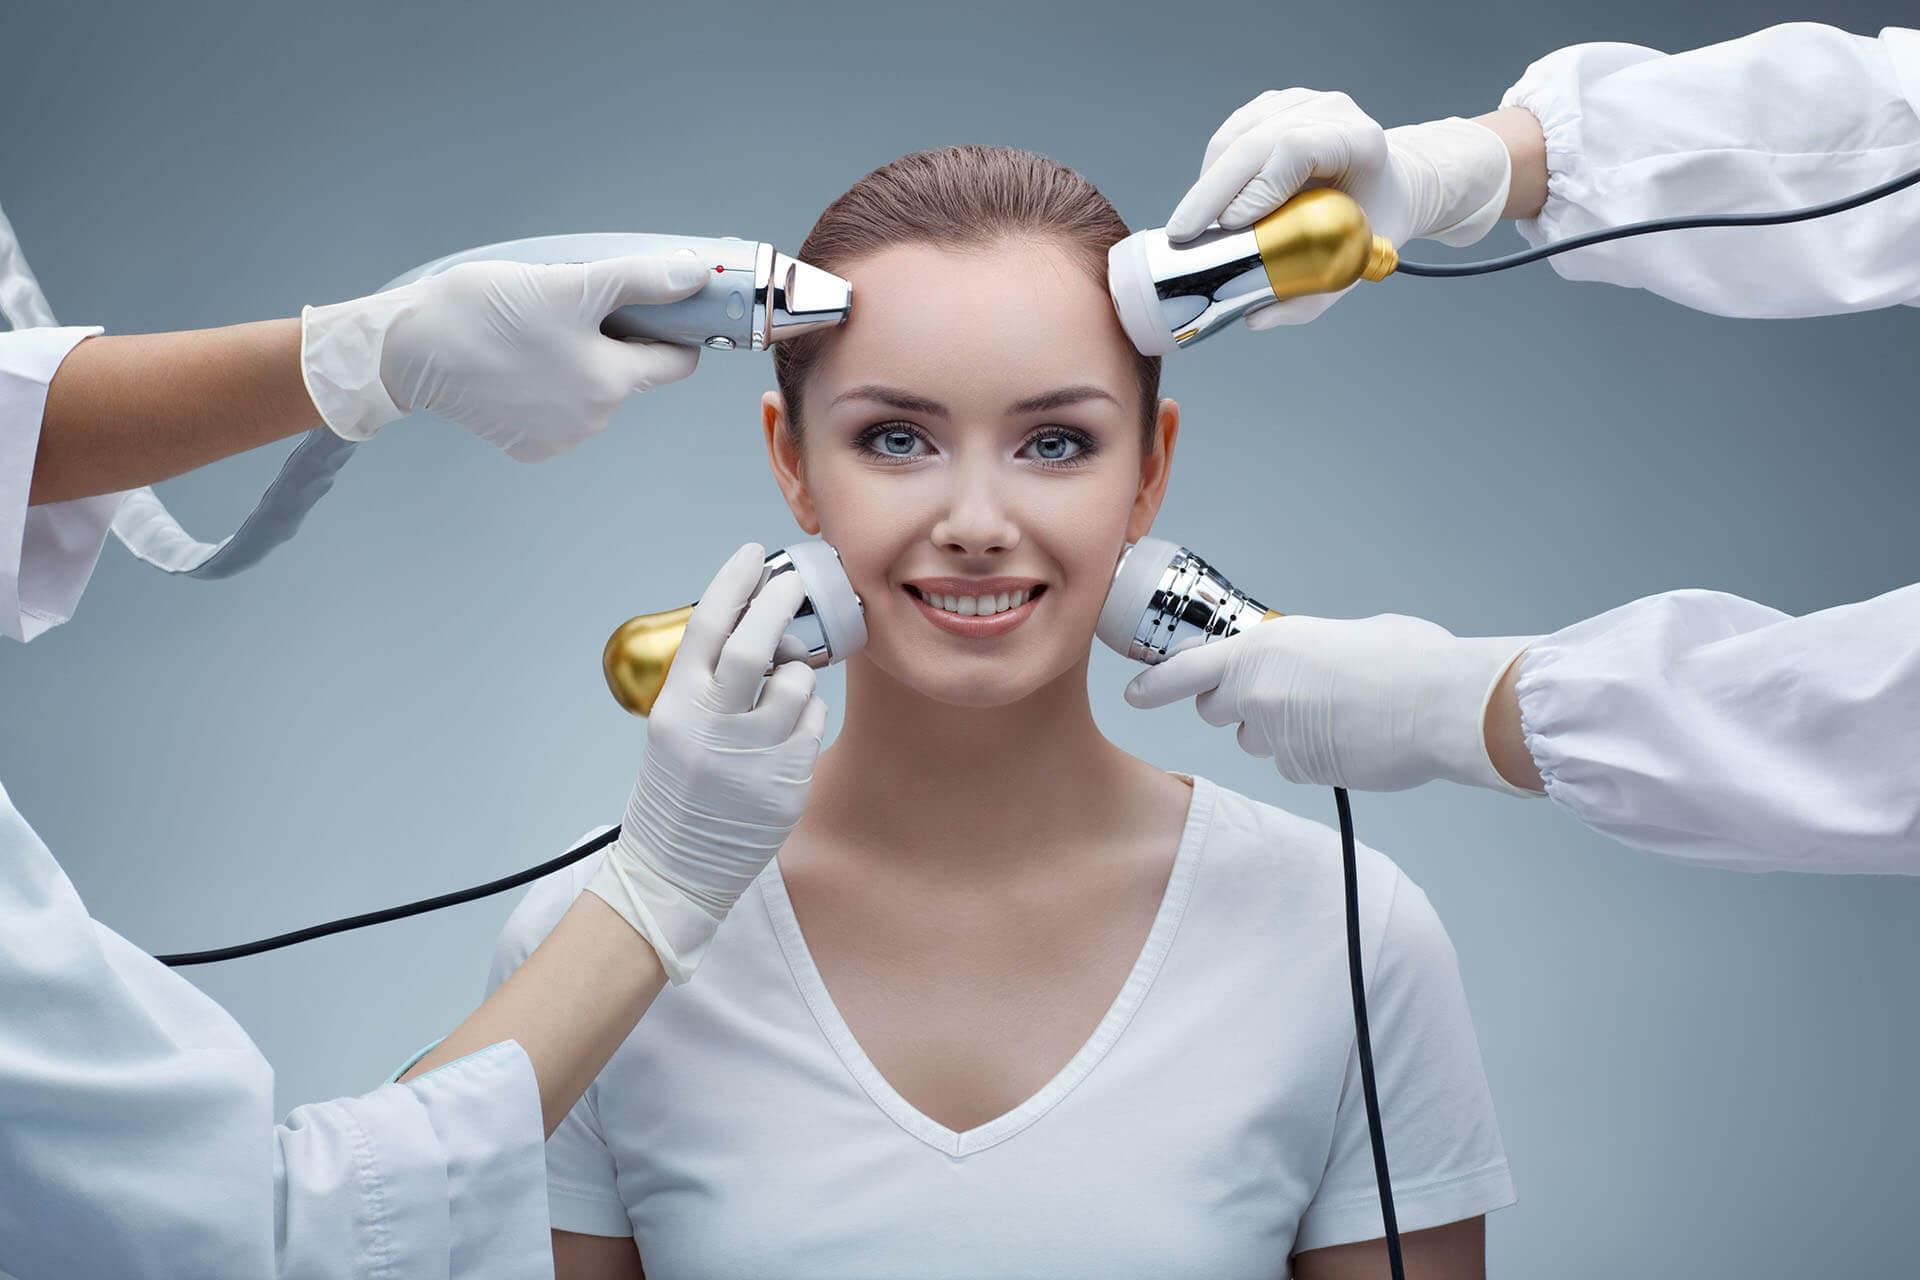 аппаратная косметология в минске